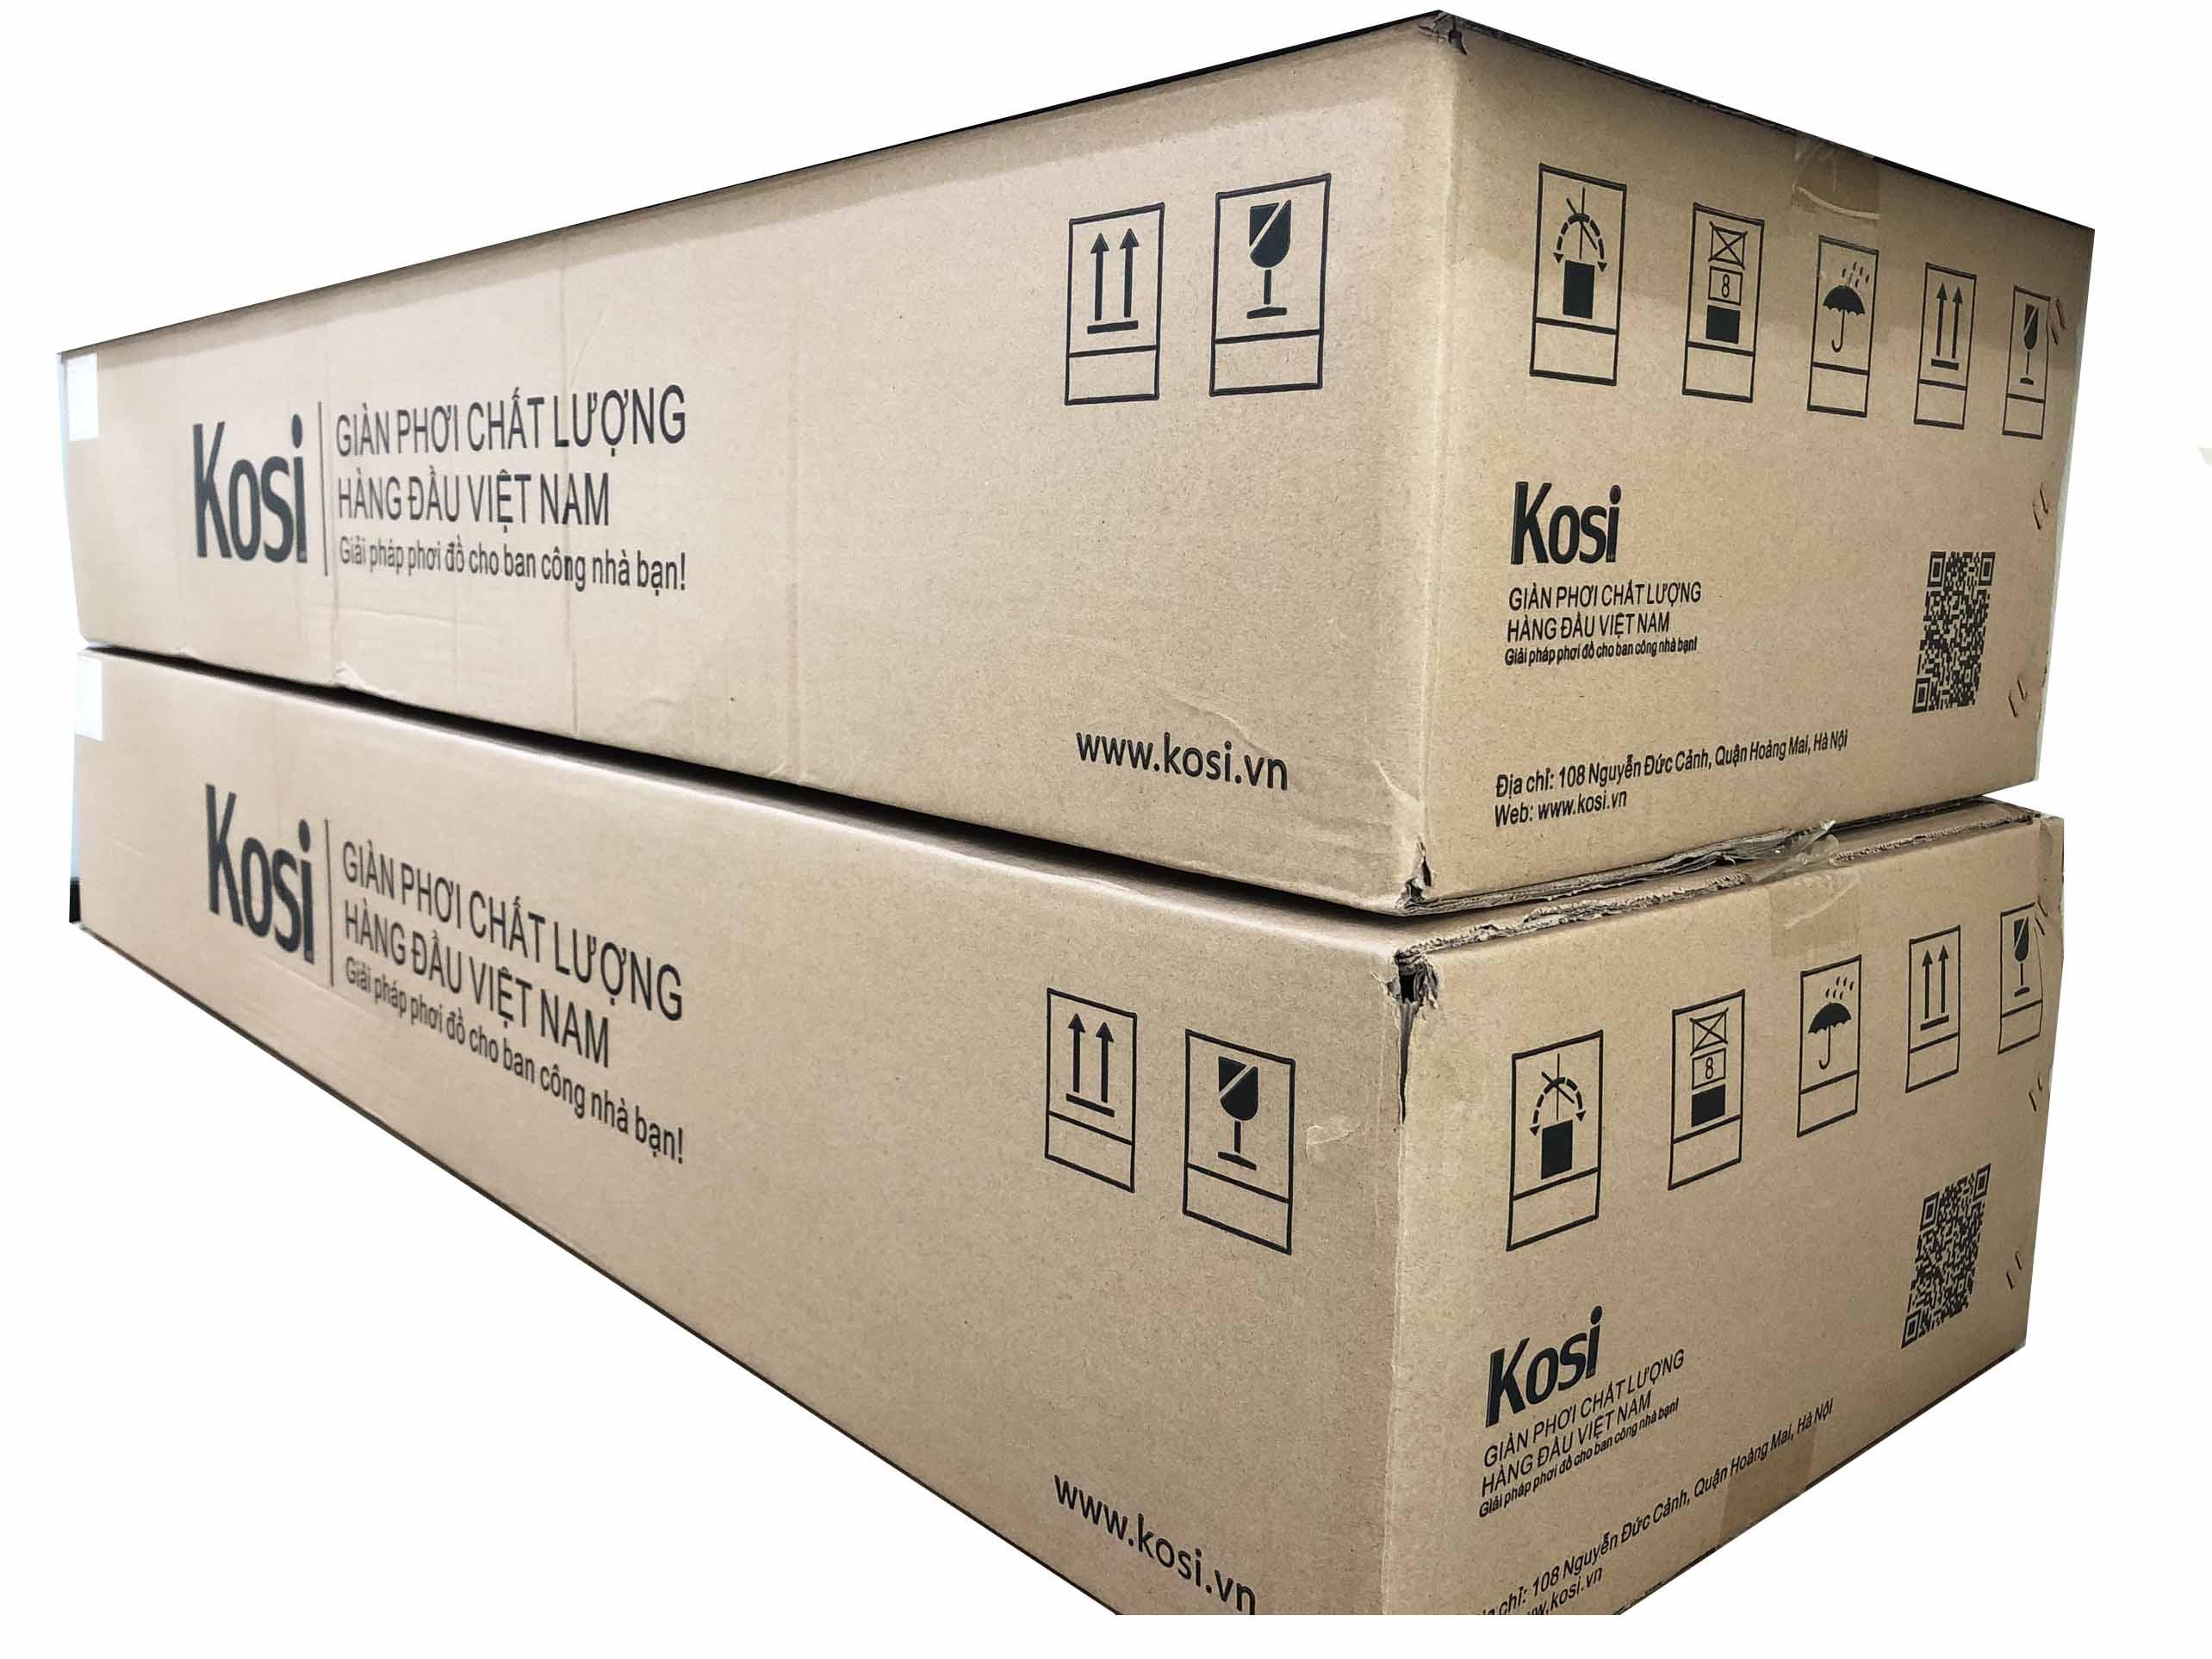 Ưu điểm nổi bật của giàn phơi điều khiển từ xa Kosi – BT1205KSNF 3